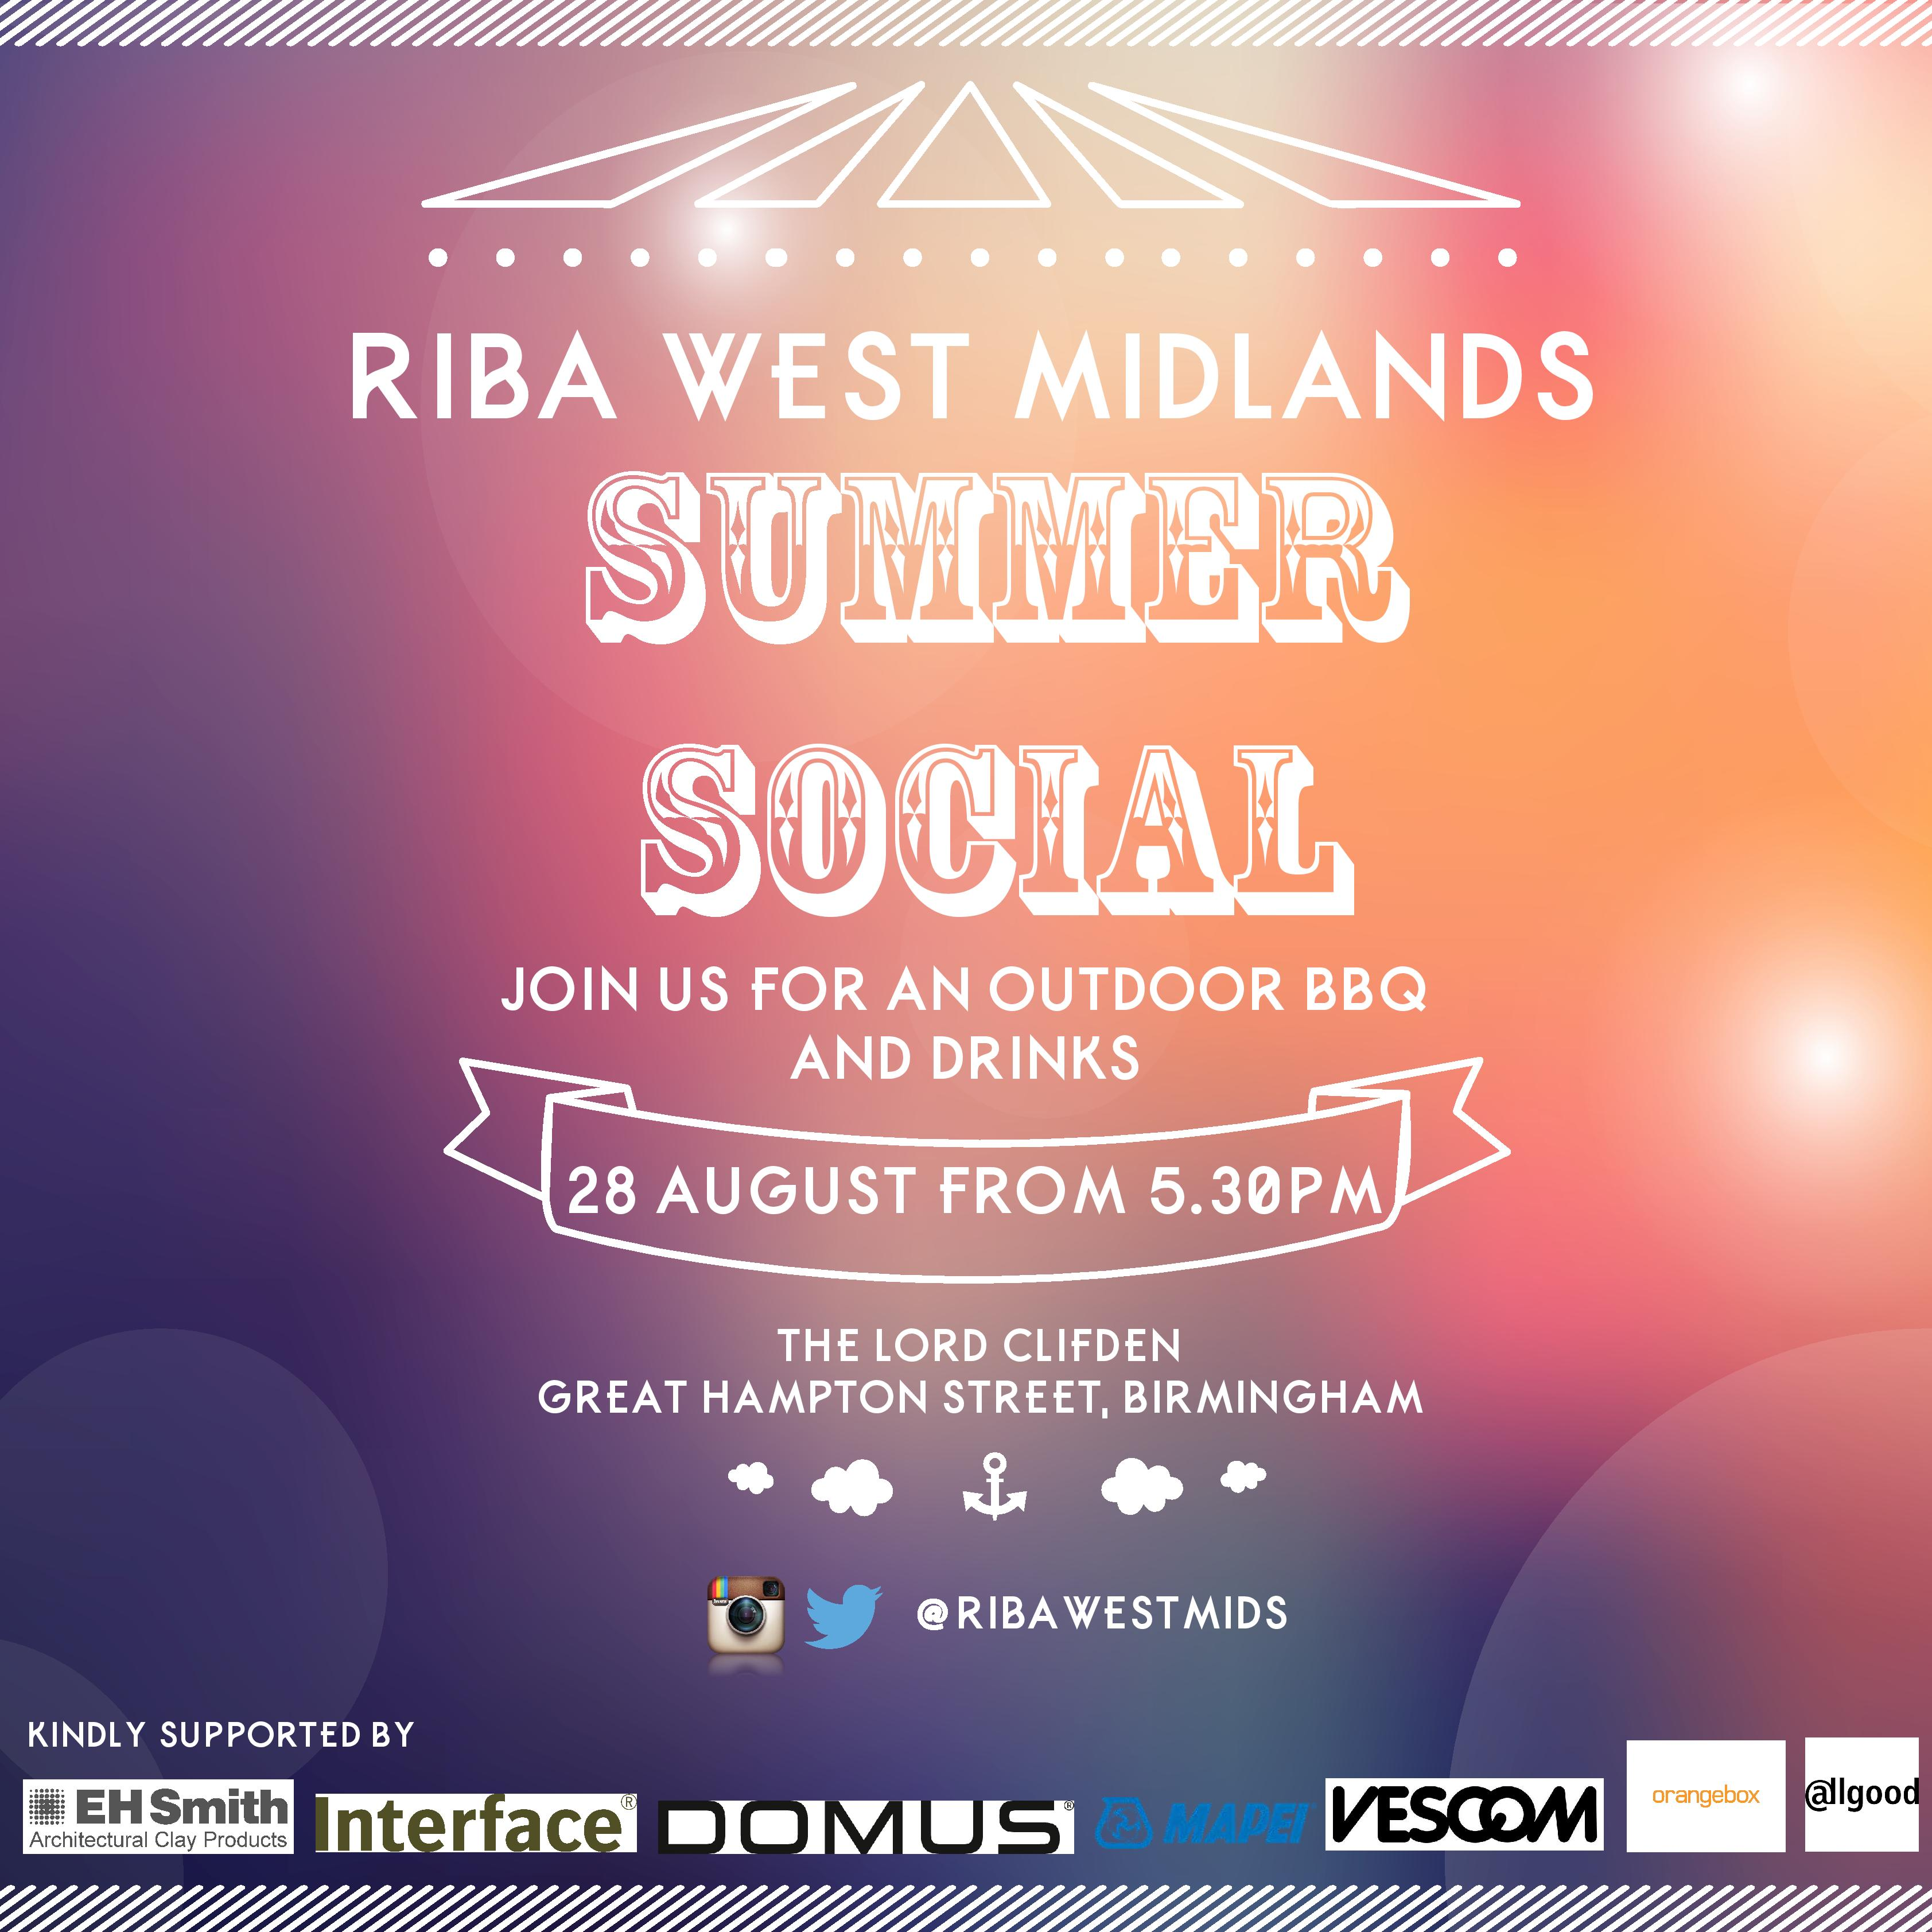 RIBA West Midlands Summer Social